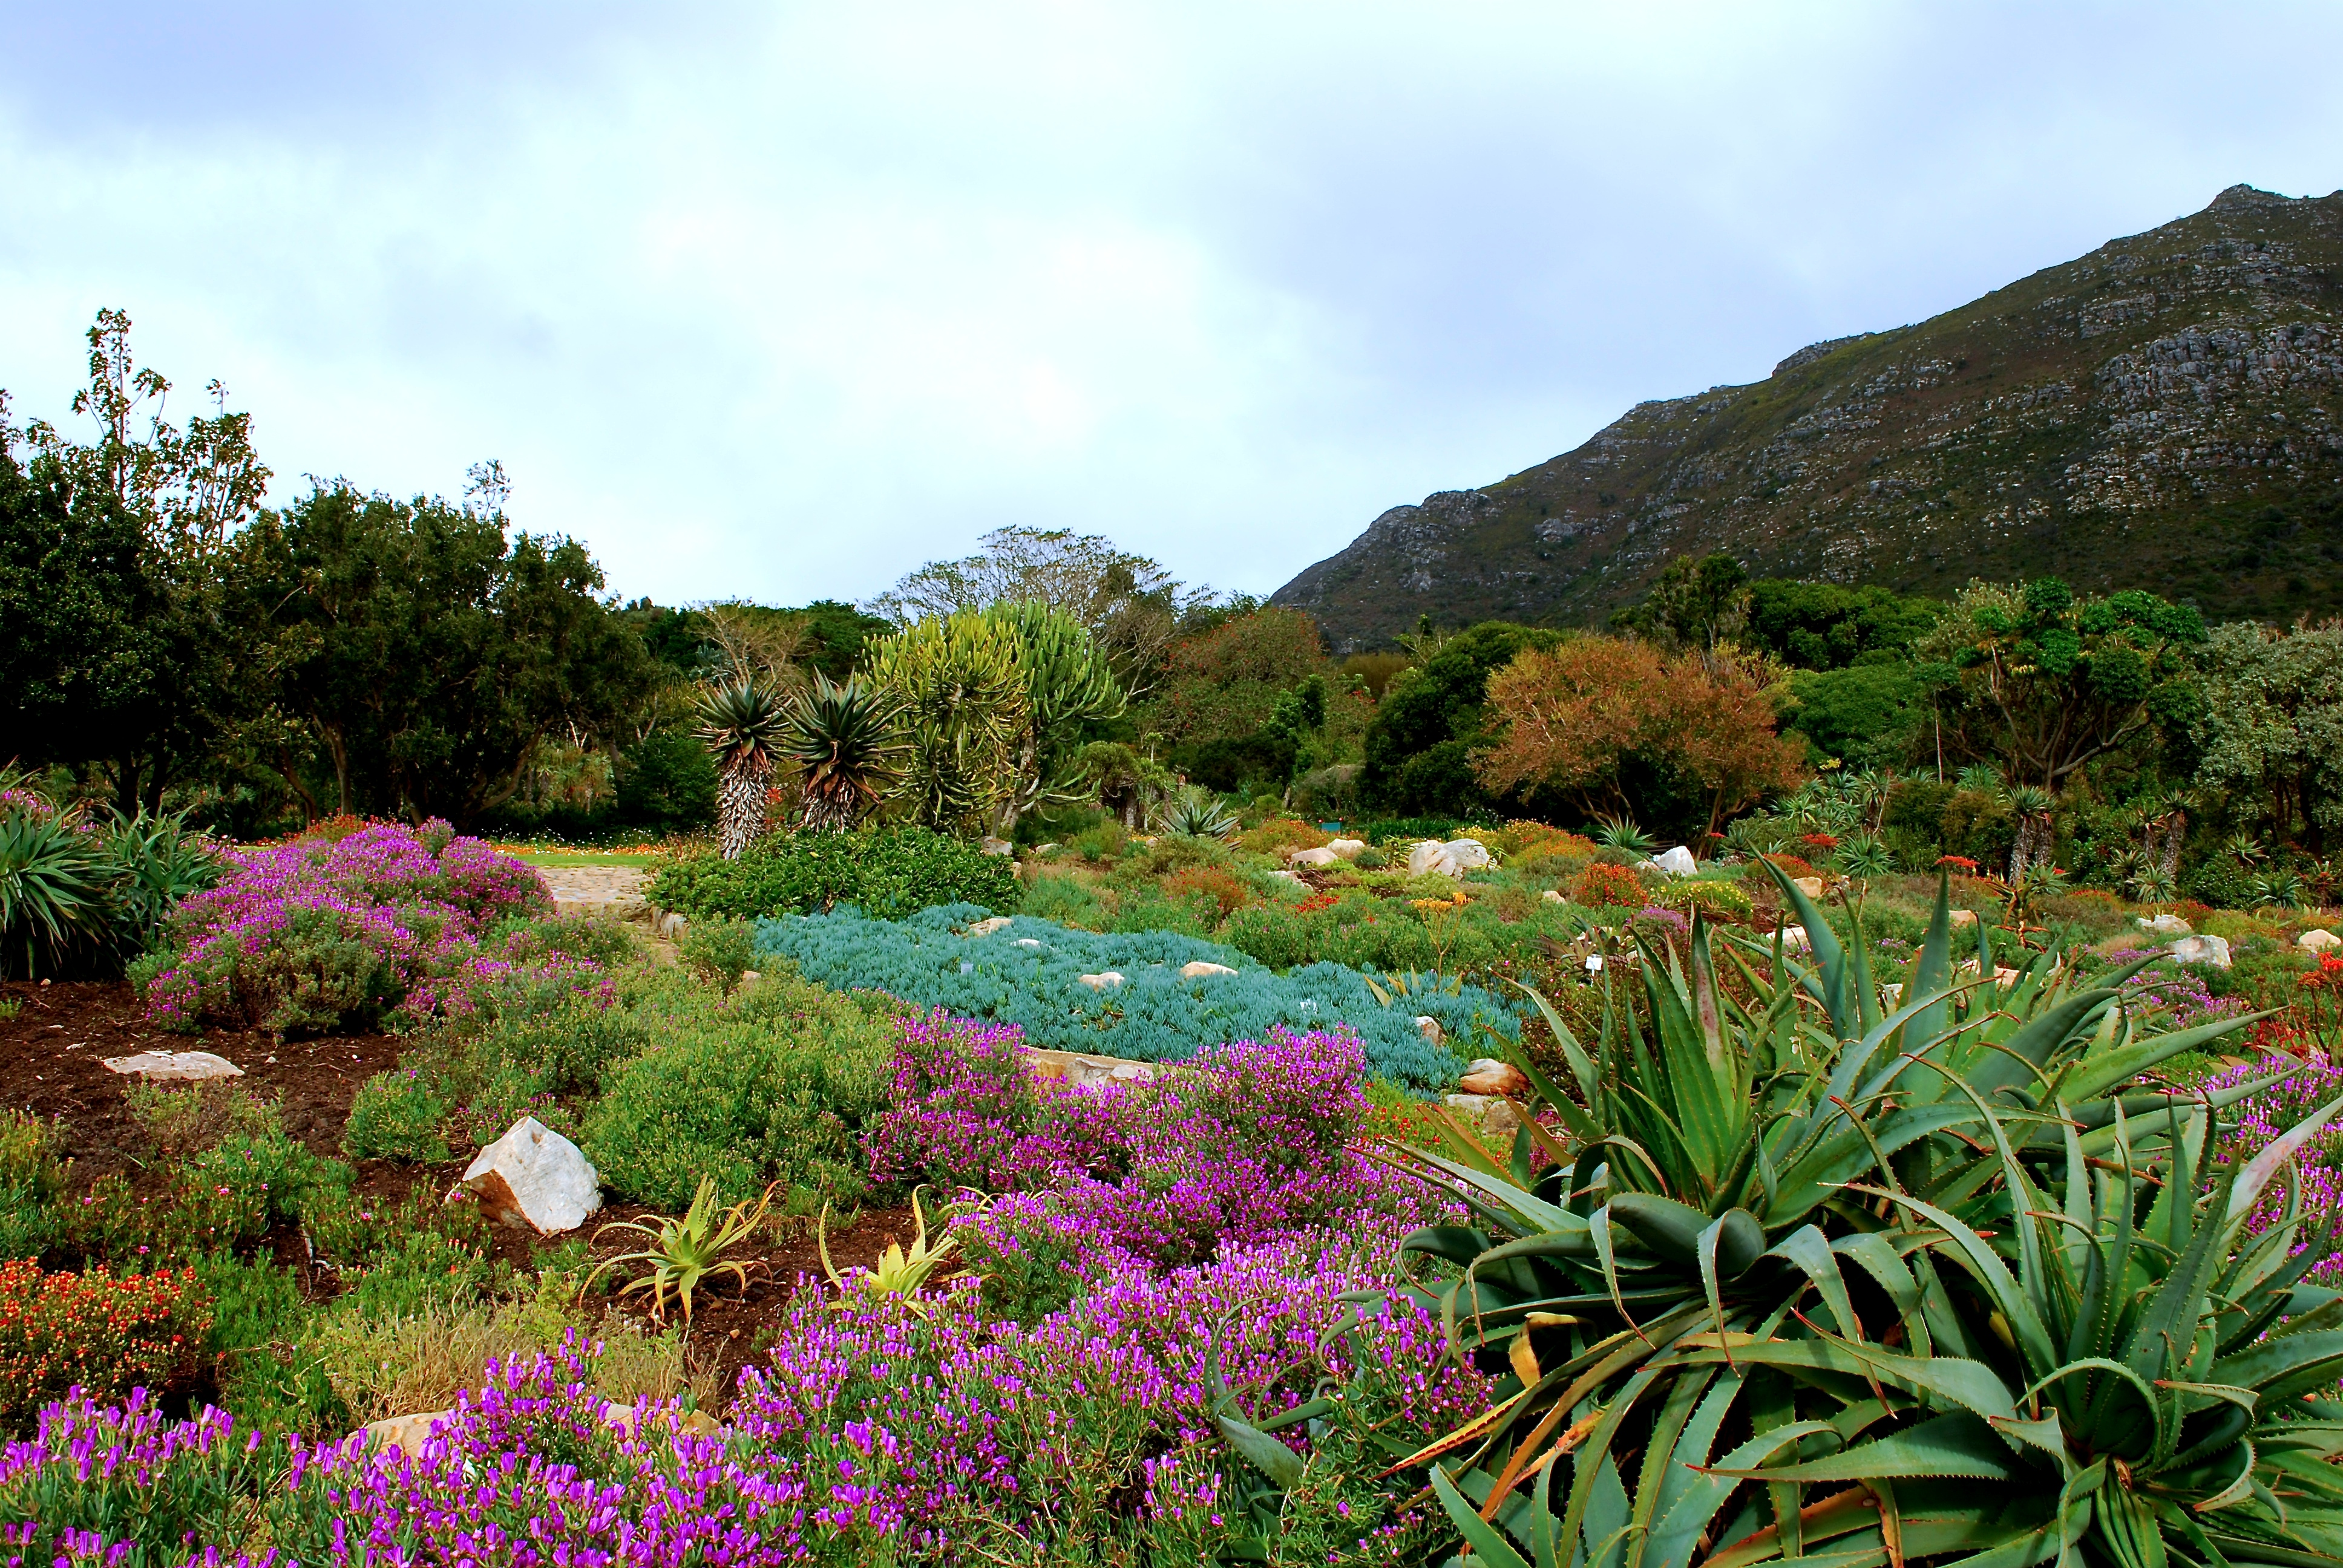 Kirstenbosch Botanic Garden